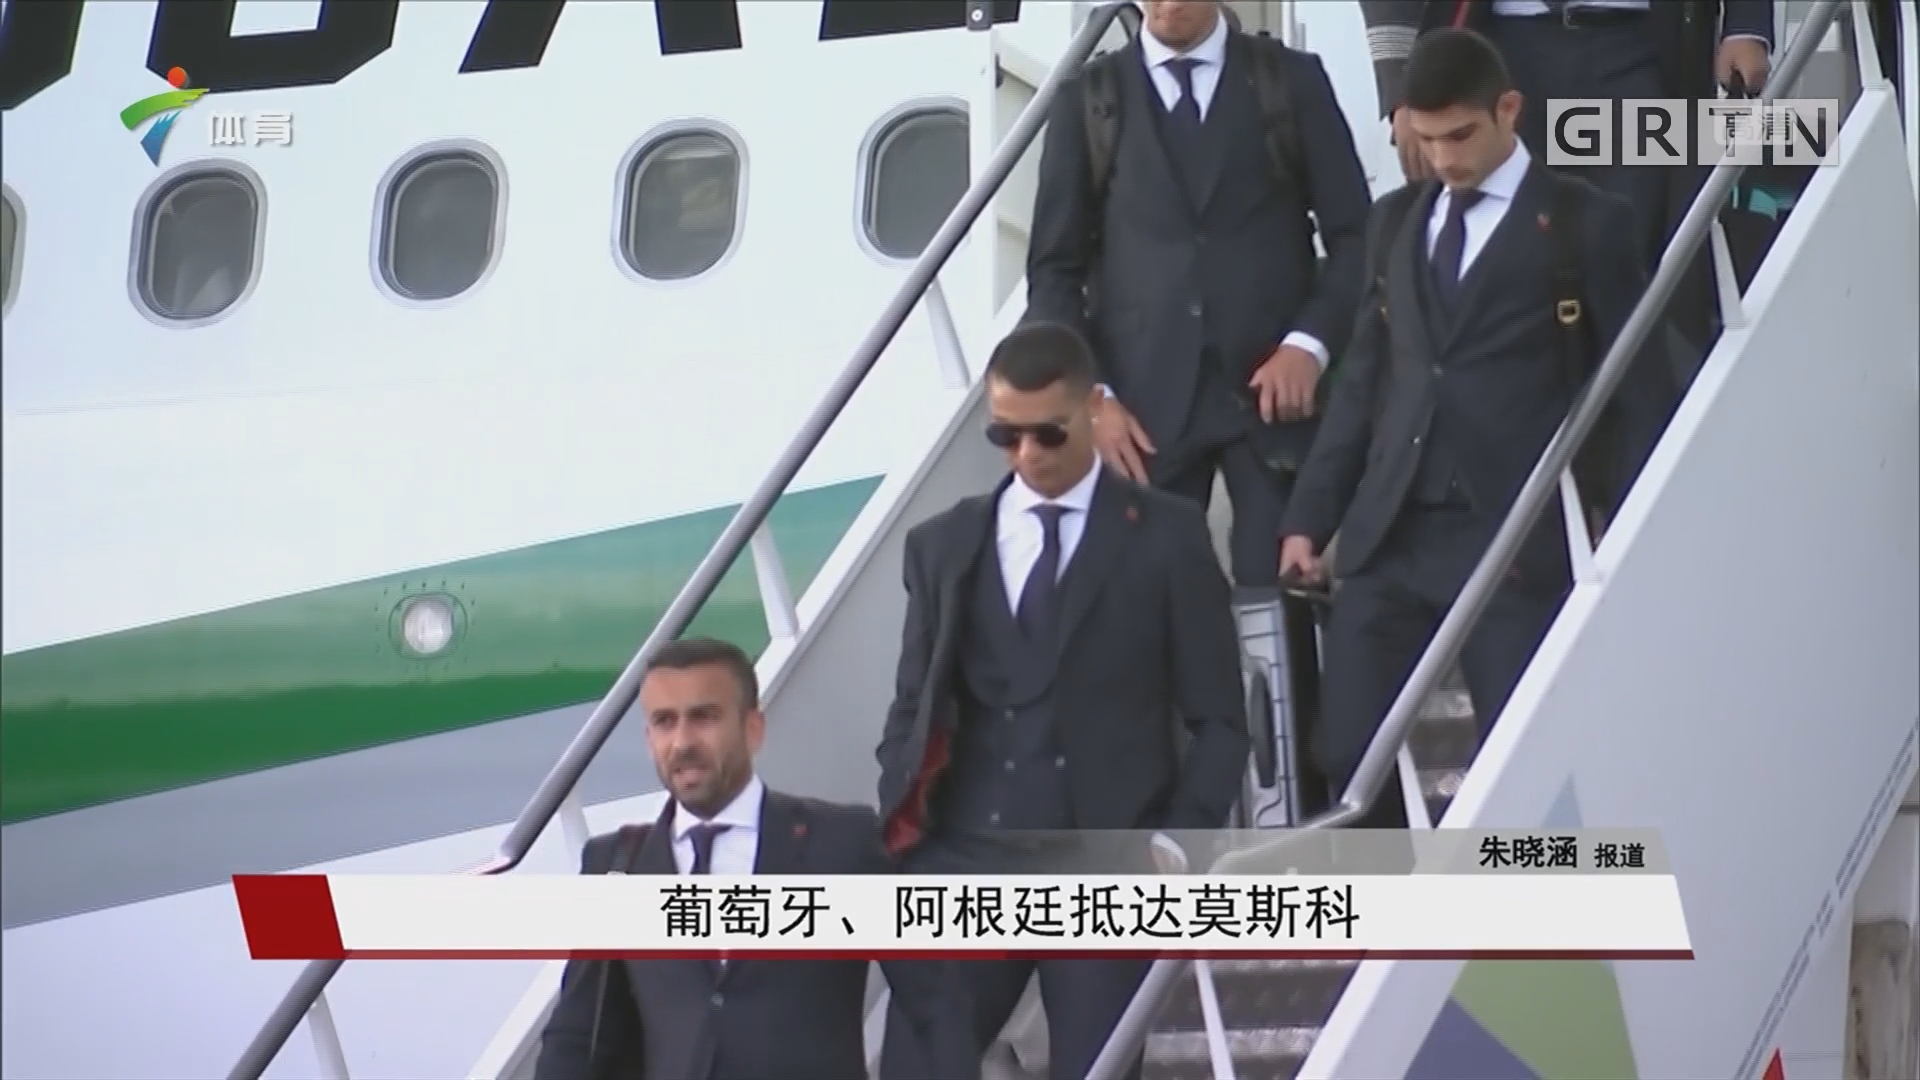 葡萄牙、阿根廷抵达莫斯科